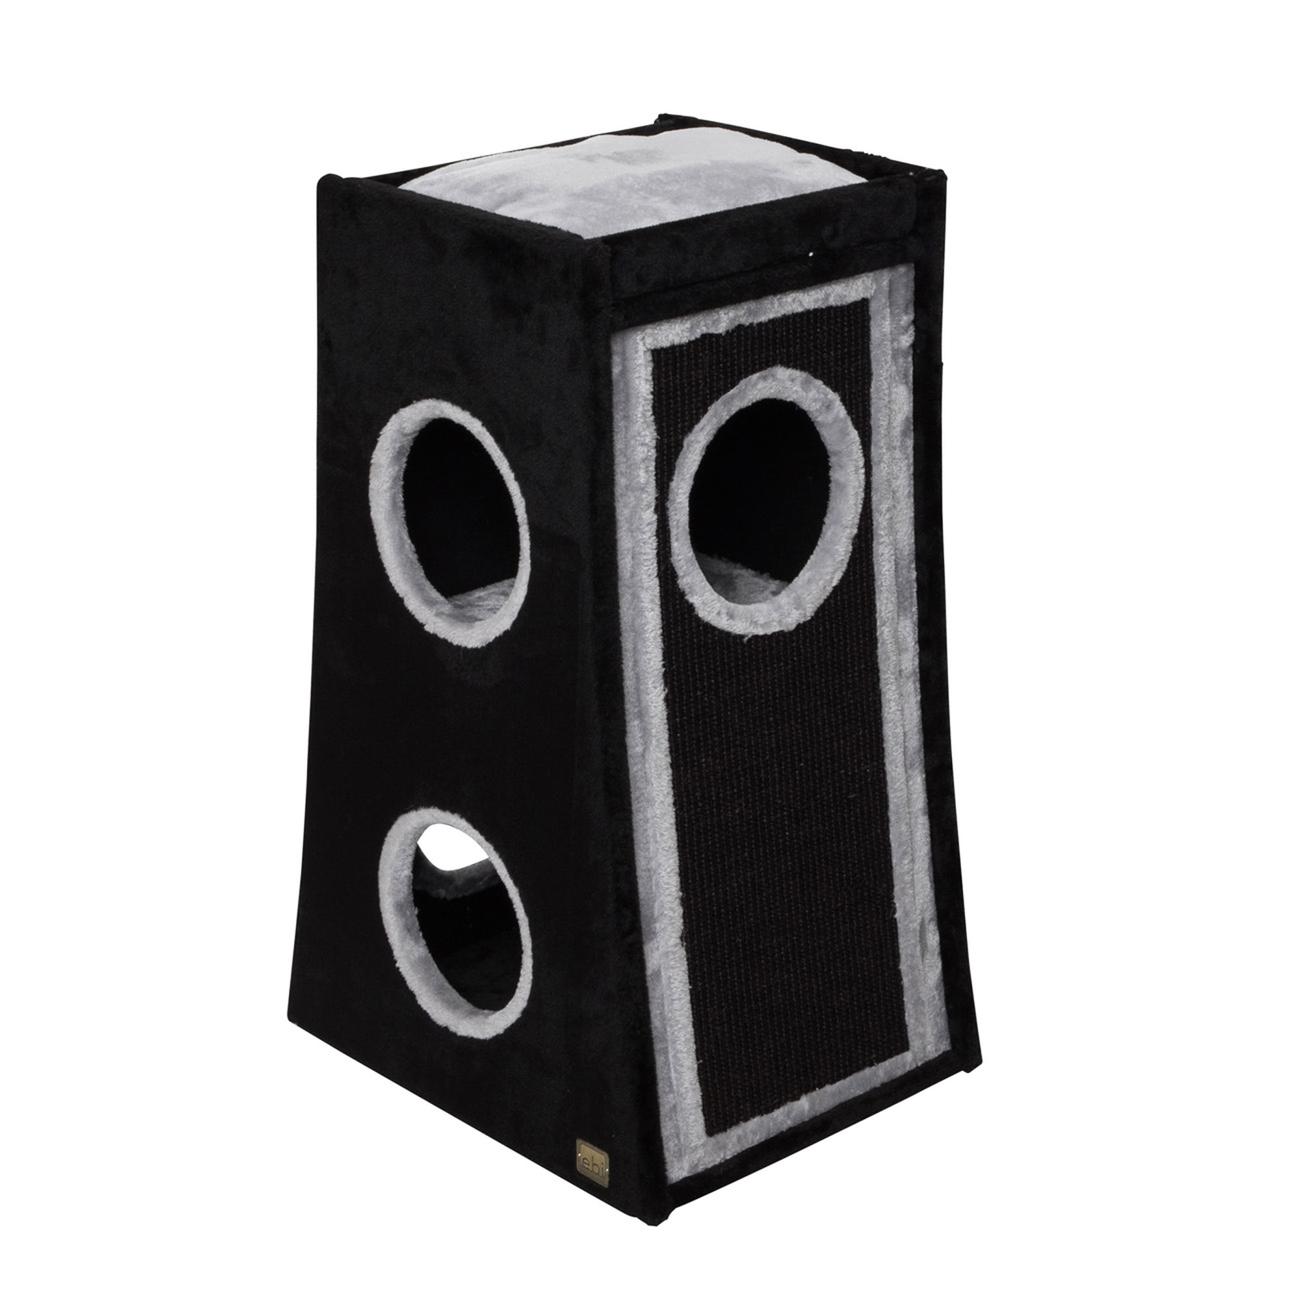 EBI Katzenkratztonne Trend Rowan, 50 x 40 x 80 cm, schwarz